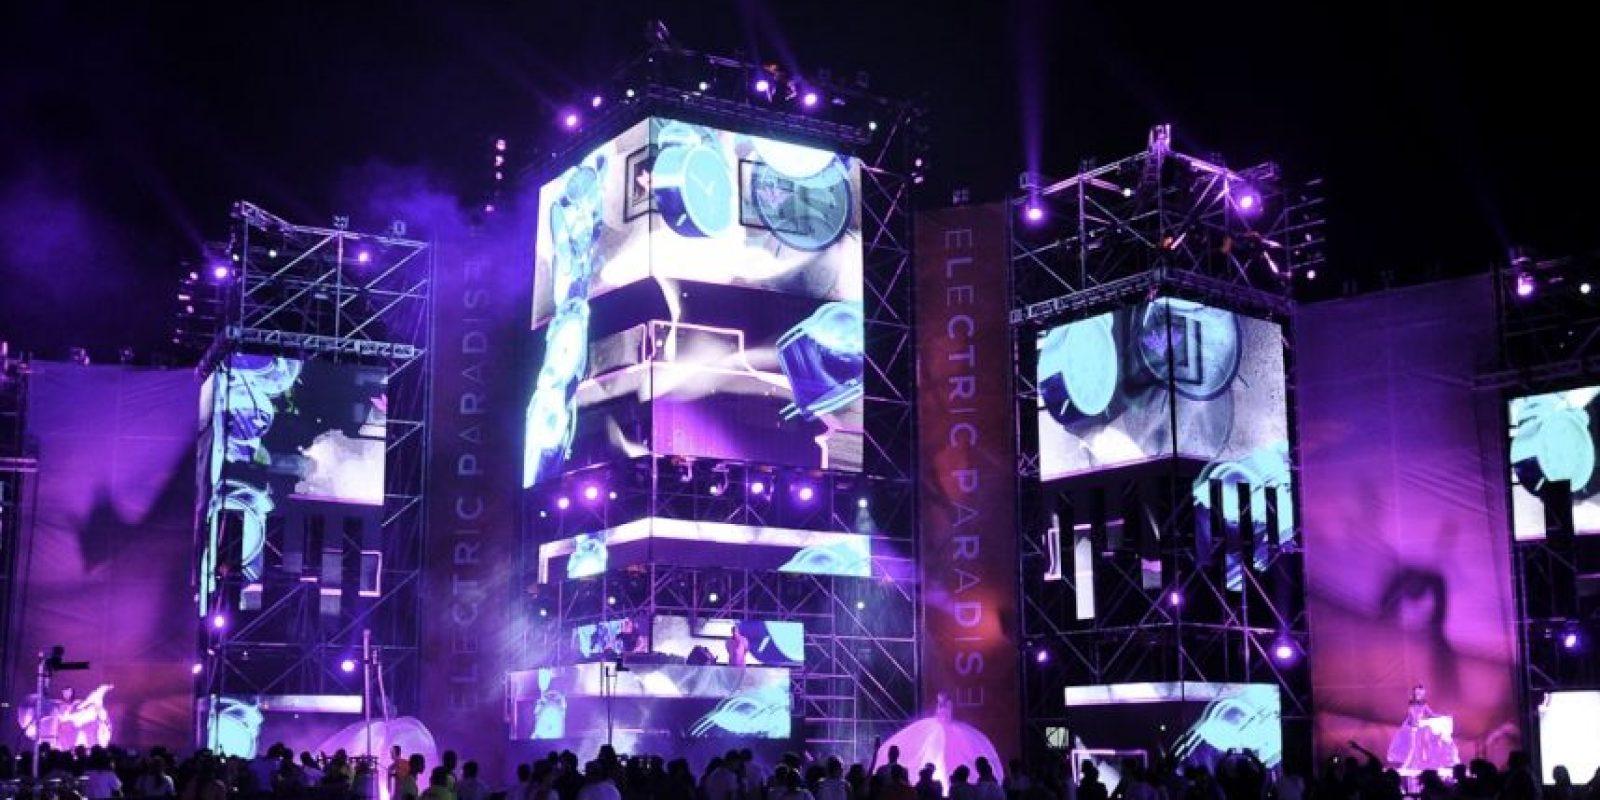 Vista del escenario del espectáculo en 2014. Foto:Fuente externa